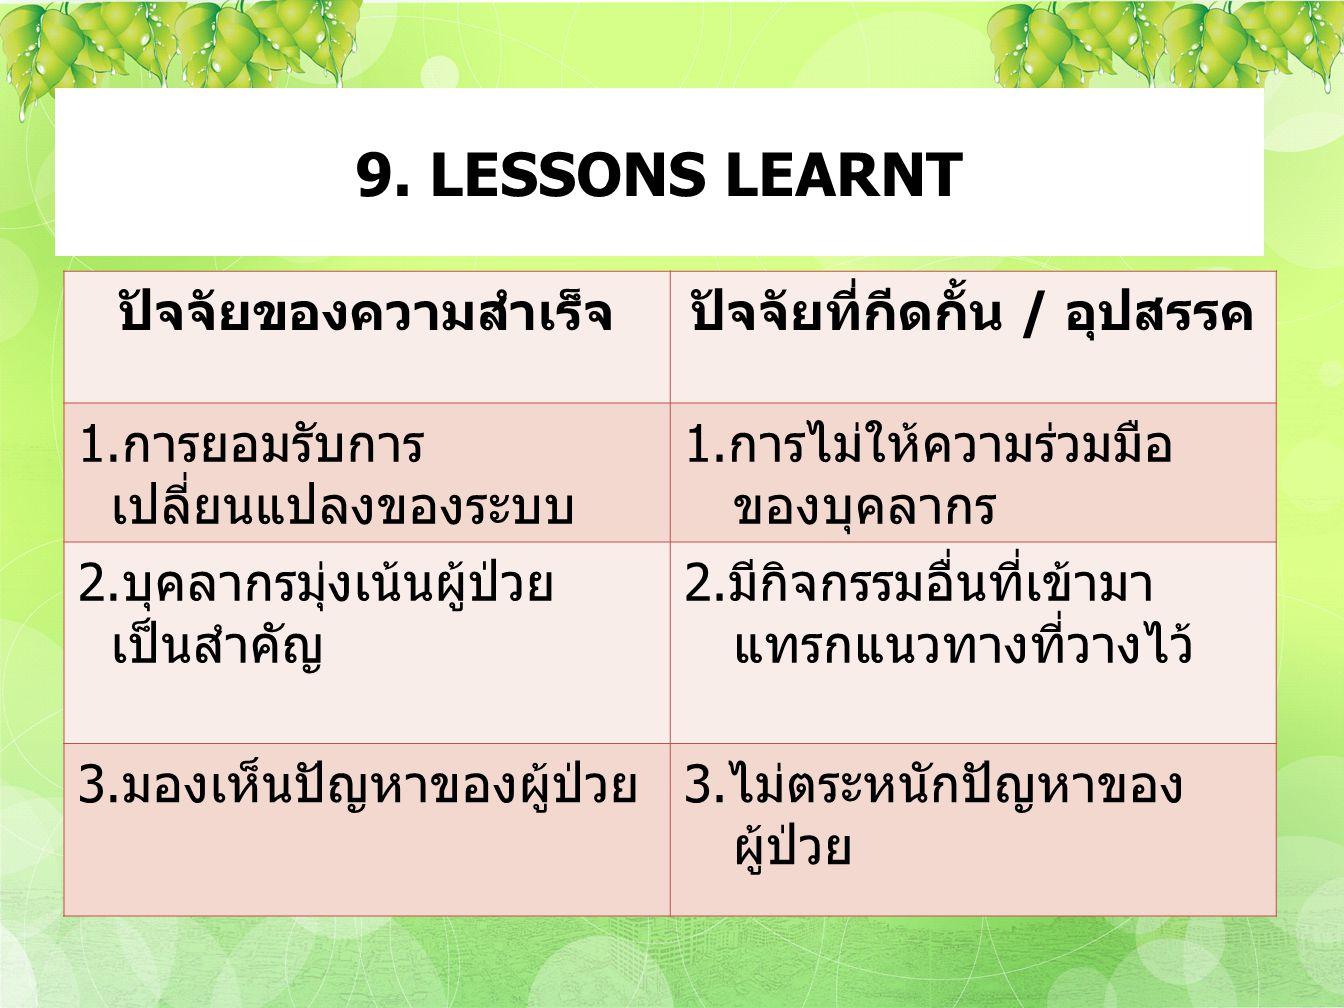 9. LESSONS LEARNT ปัจจัยของความสำเร็จปัจจัยที่กีดกั้น / อุปสรรค 1.การยอมรับการ เปลี่ยนแปลงของระบบ 1.การไม่ให้ความร่วมมือ ของบุคลากร 2.บุคลากรมุ่งเน้นผ